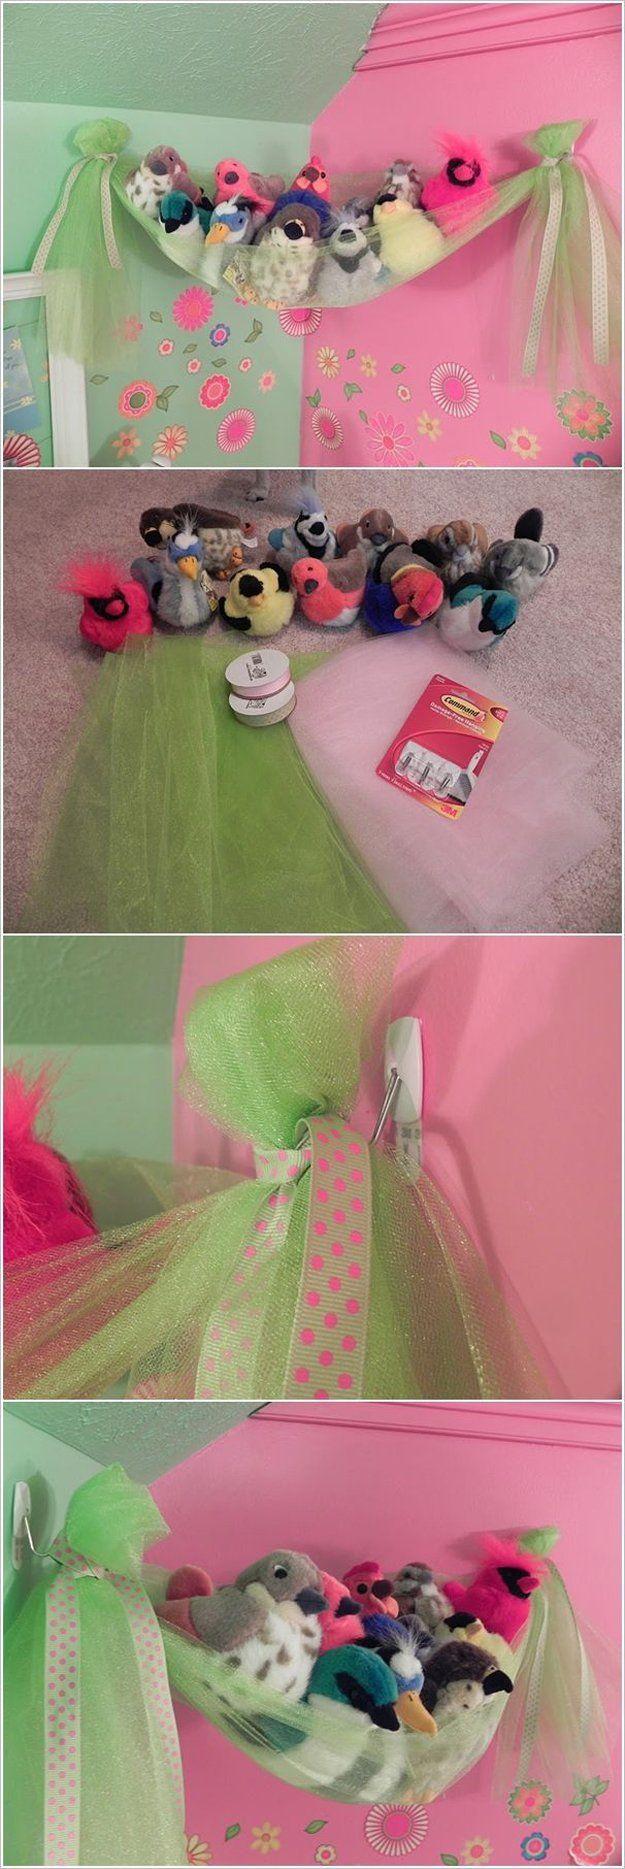 Idea barata y fácil de bricolaje juguete almacenamiento a muchachas | artesaniasdebricolaje.ru/storage-solutions-life-hack/